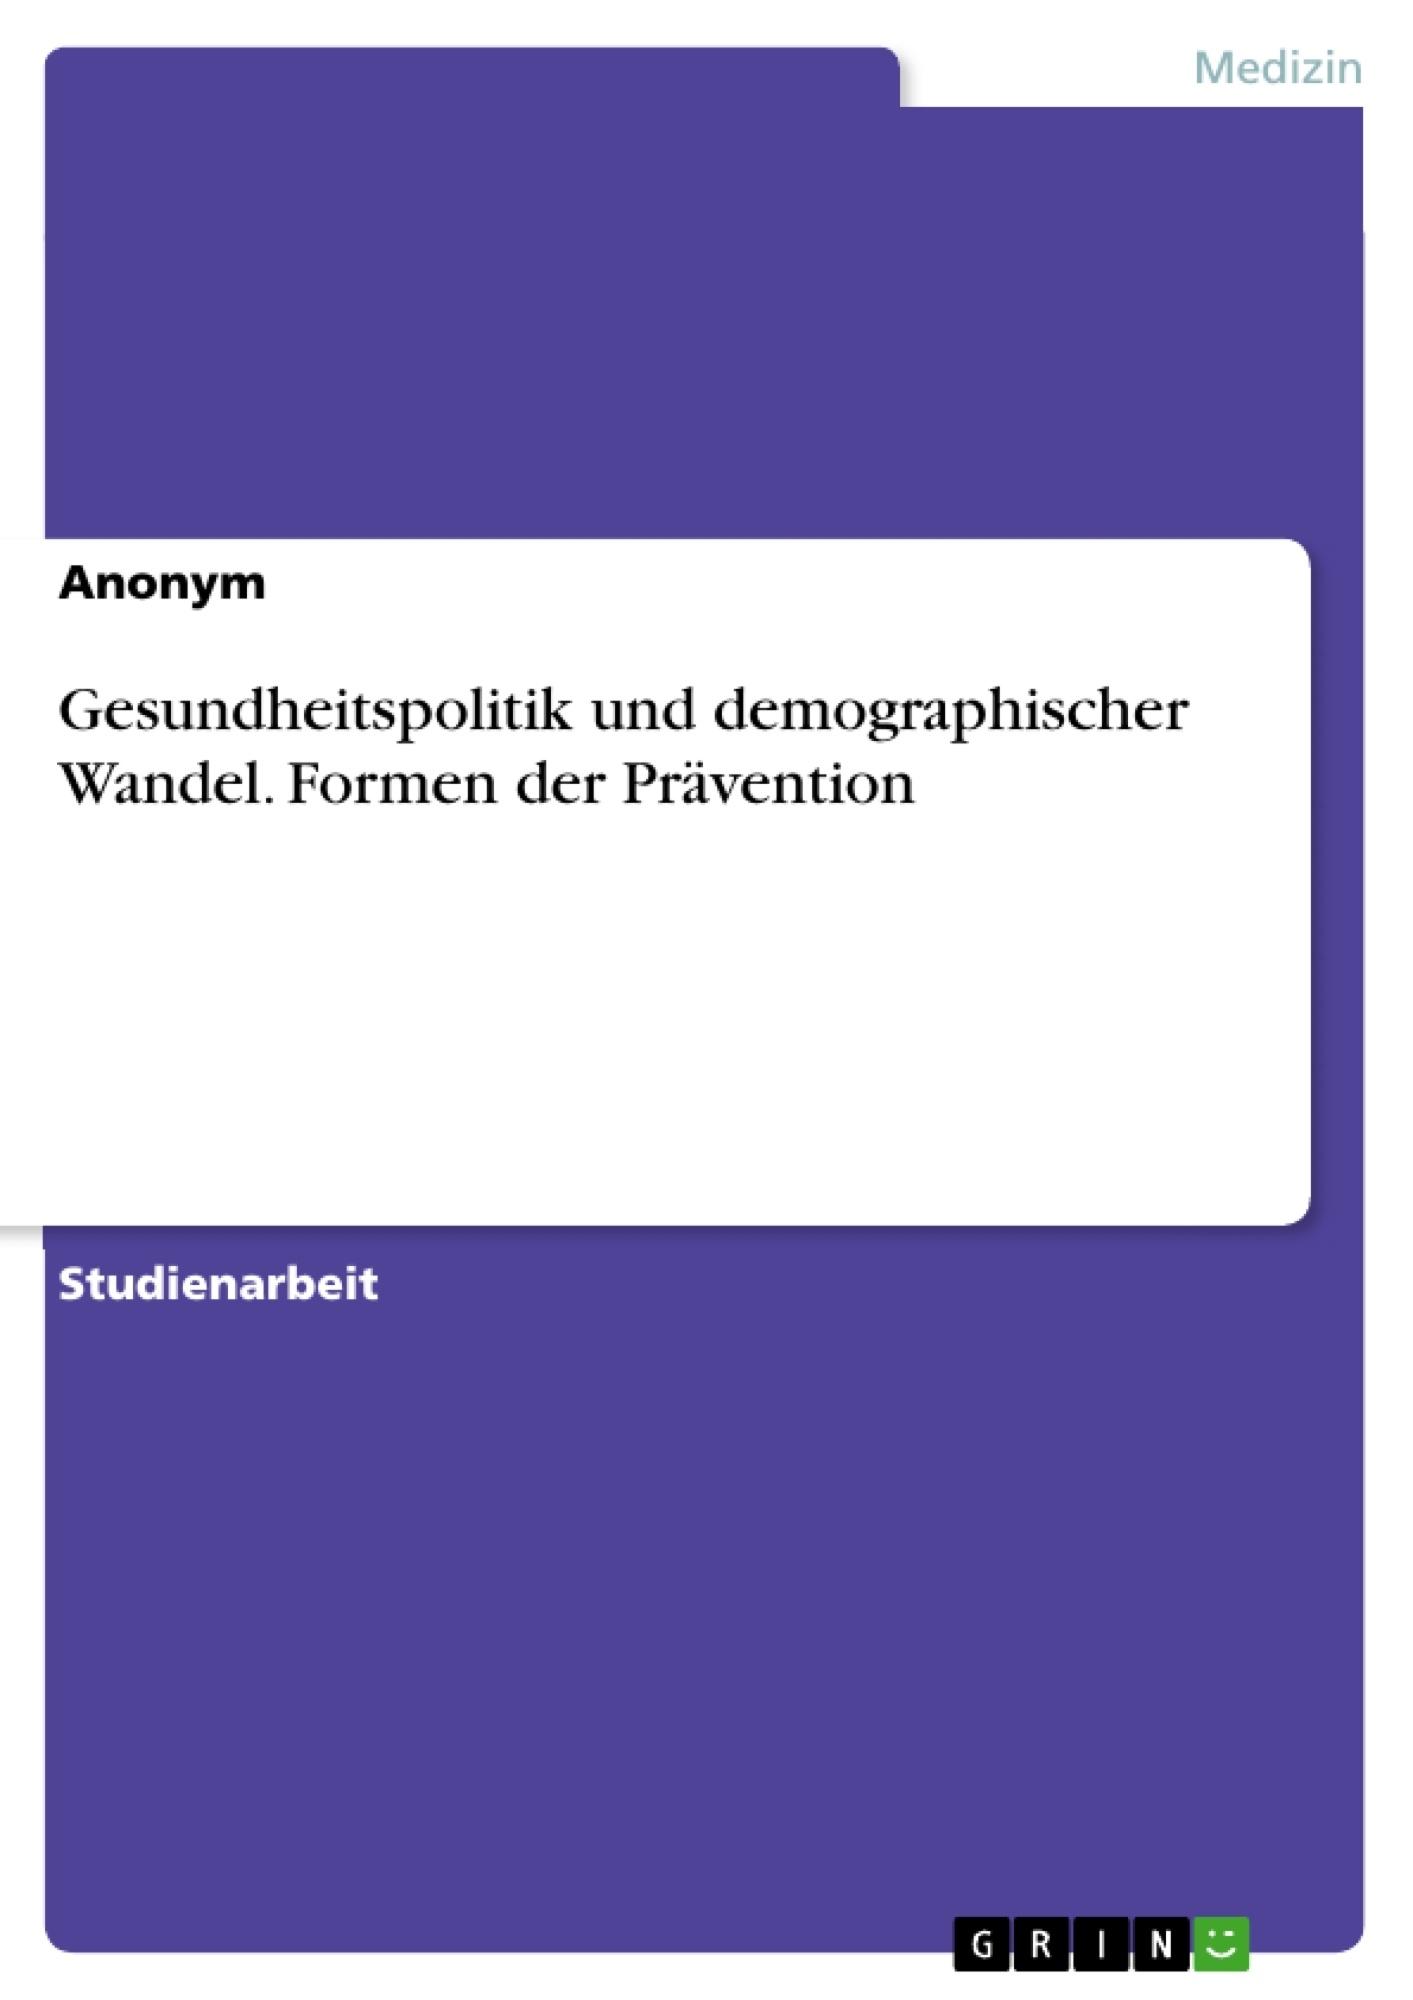 Titel: Gesundheitspolitik und demographischer Wandel. Formen der Prävention